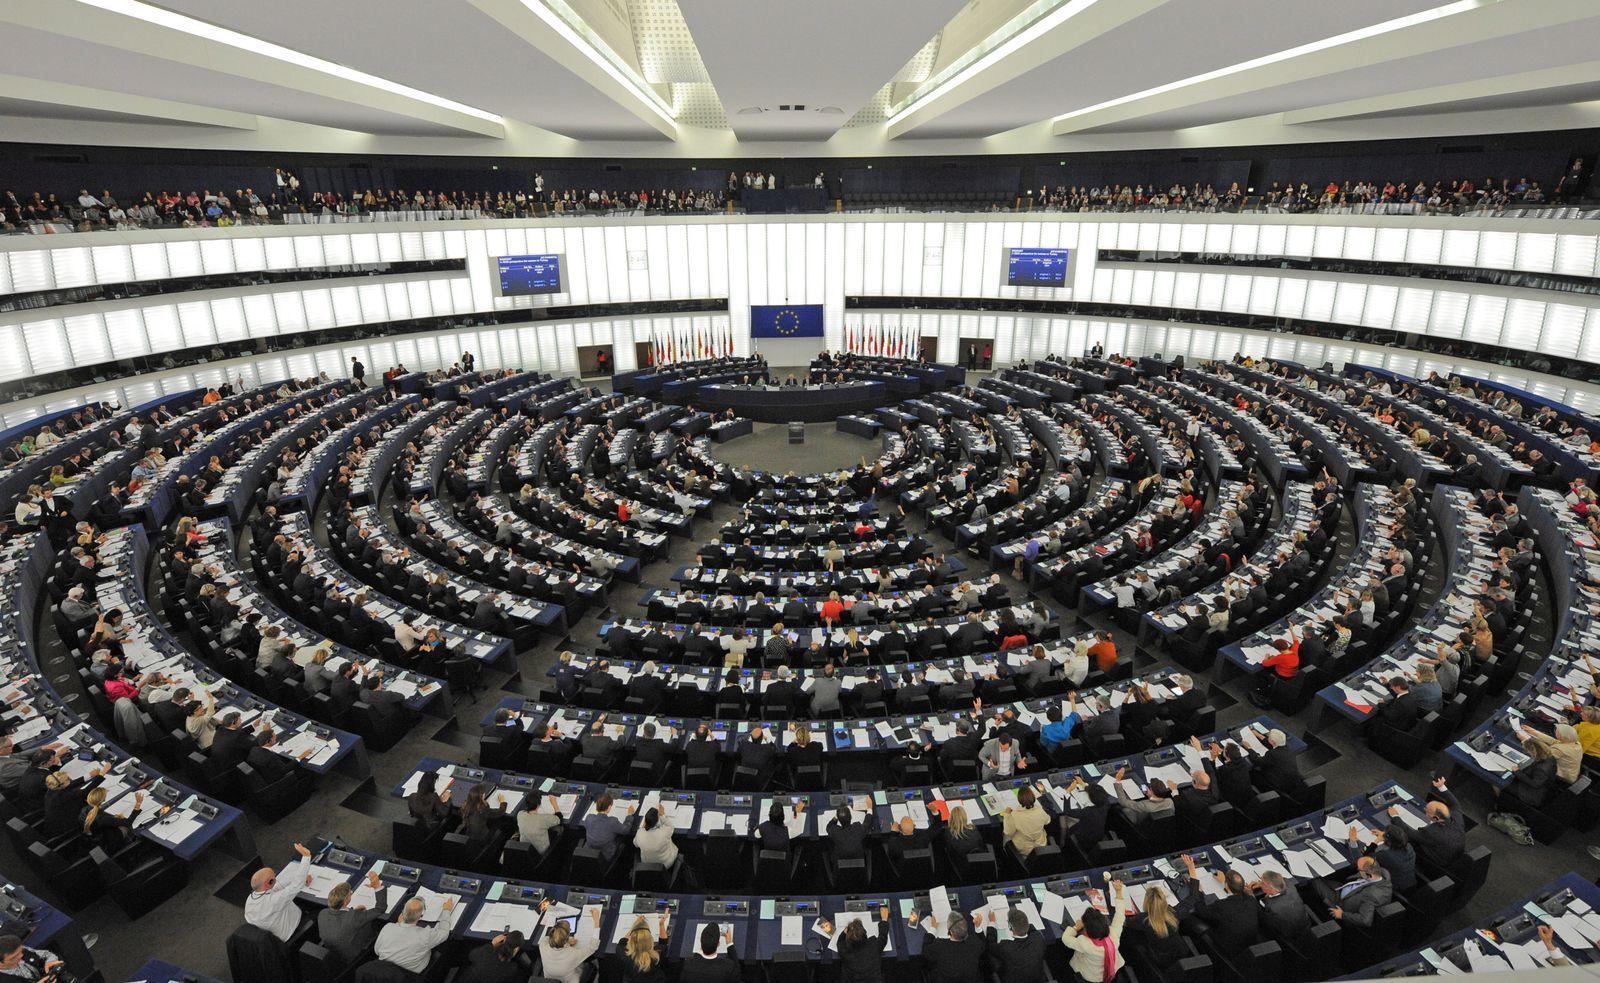 Europawahl - Europäisches Parlament in Straßburg